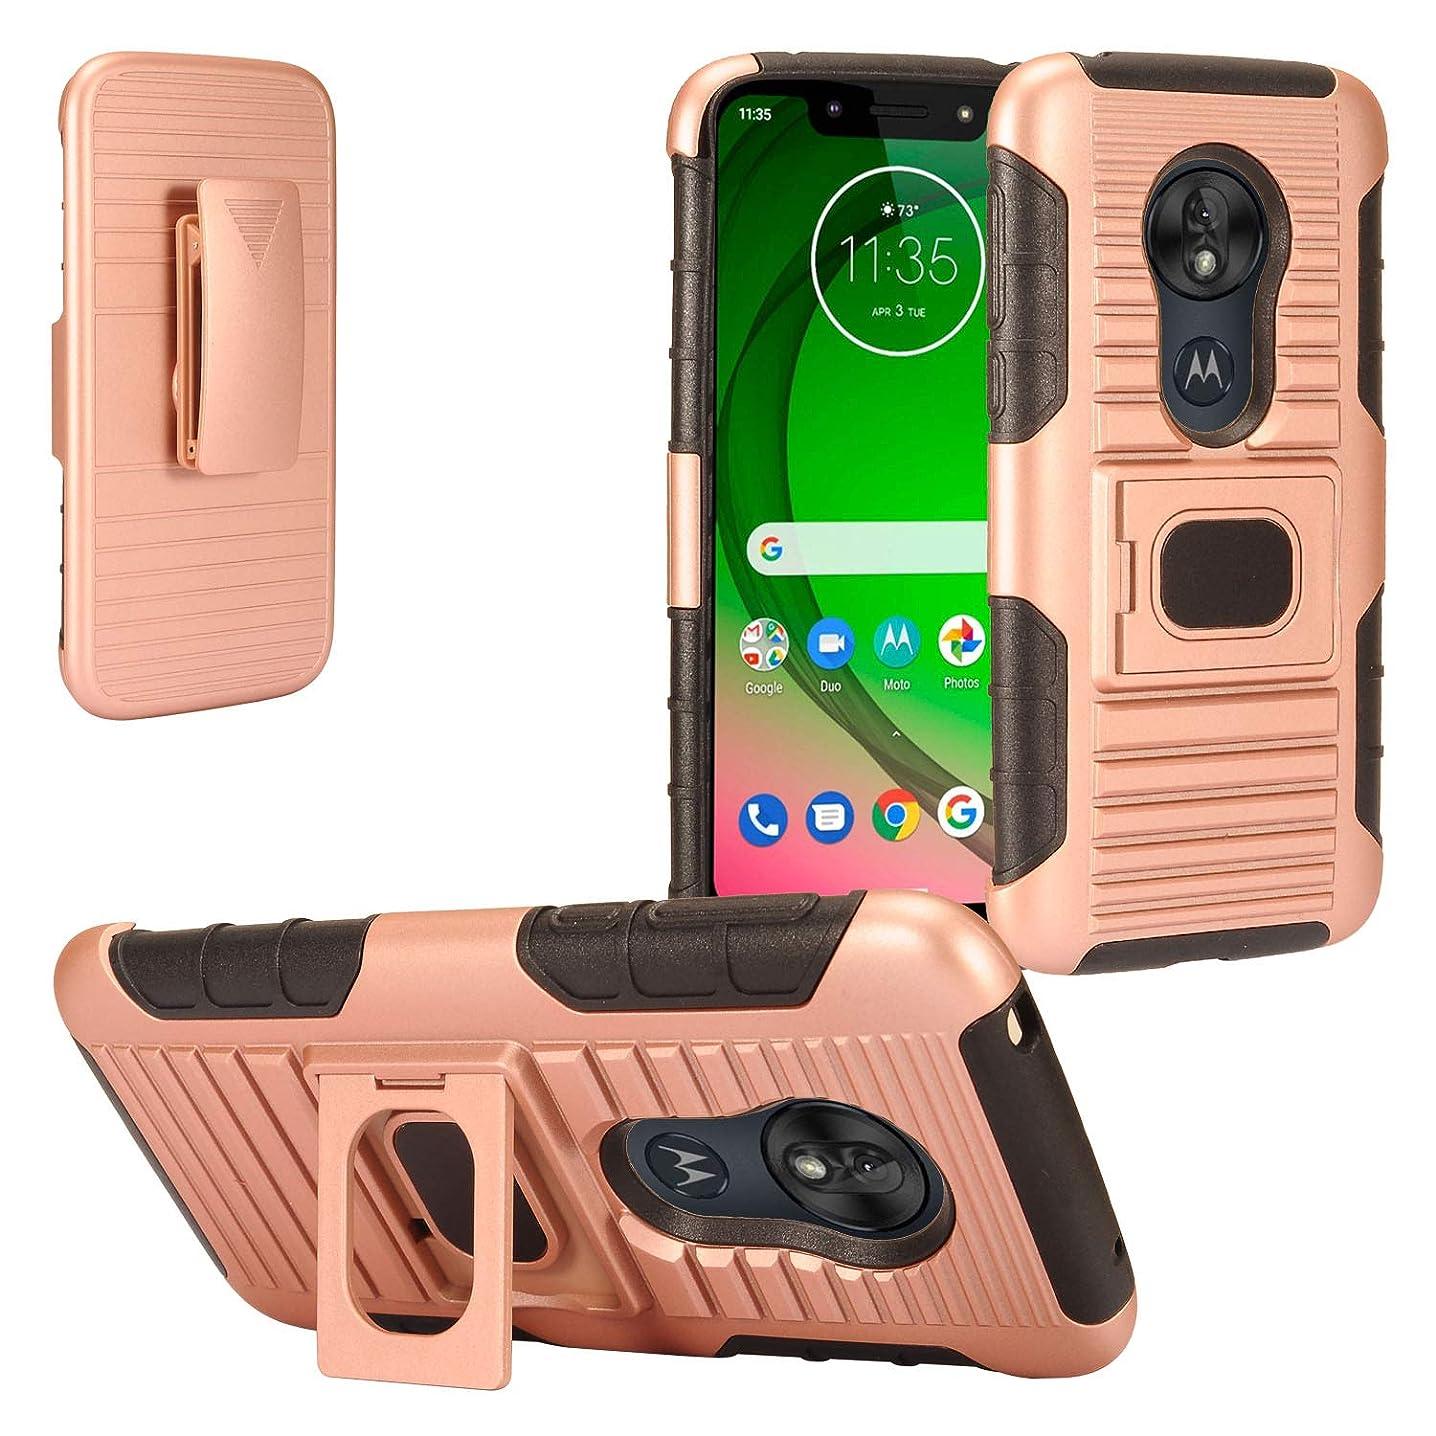 Z-GEN - for Motorola Moto G7 Play, G7 Optimo XT1952/DL - Defender Hybrid Phone Case w/Stand/Belt Clip Holster - ST5 Black/Rose Gold